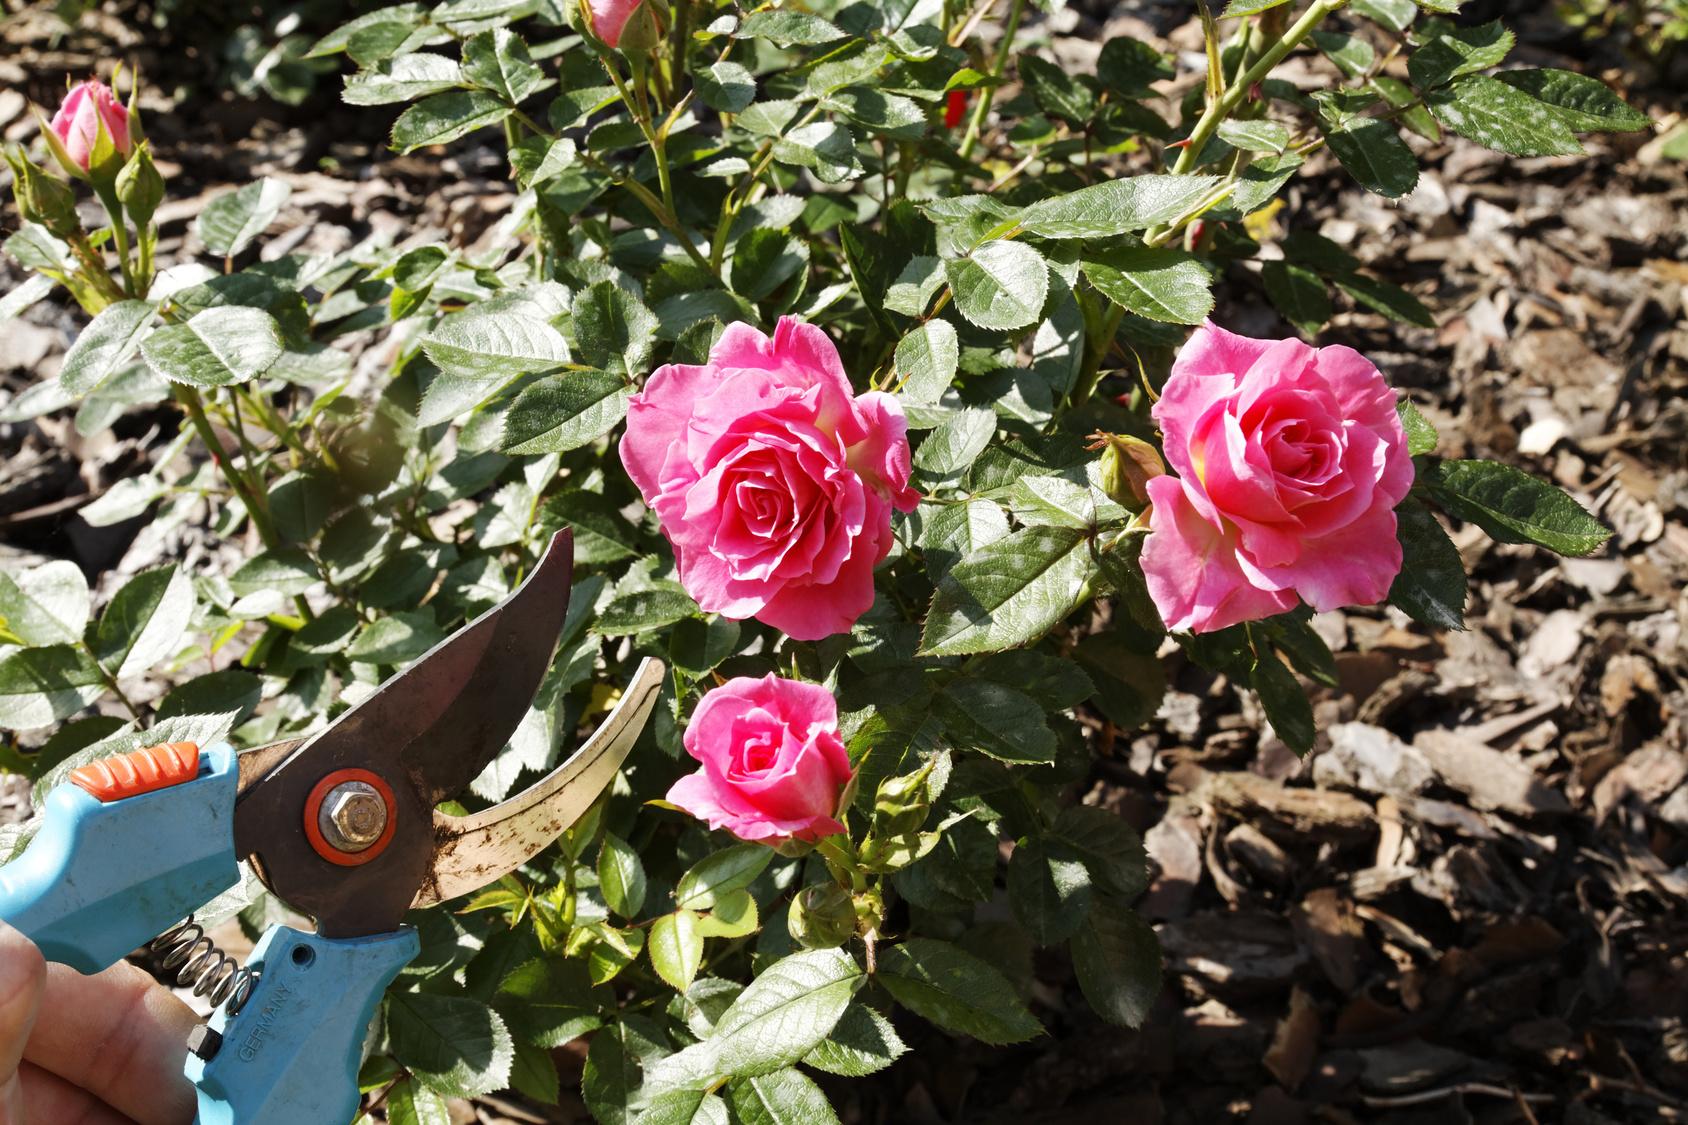 comment bien tailler et entretenir ses rosiers grimpants les conseils pour votre jardin de. Black Bedroom Furniture Sets. Home Design Ideas